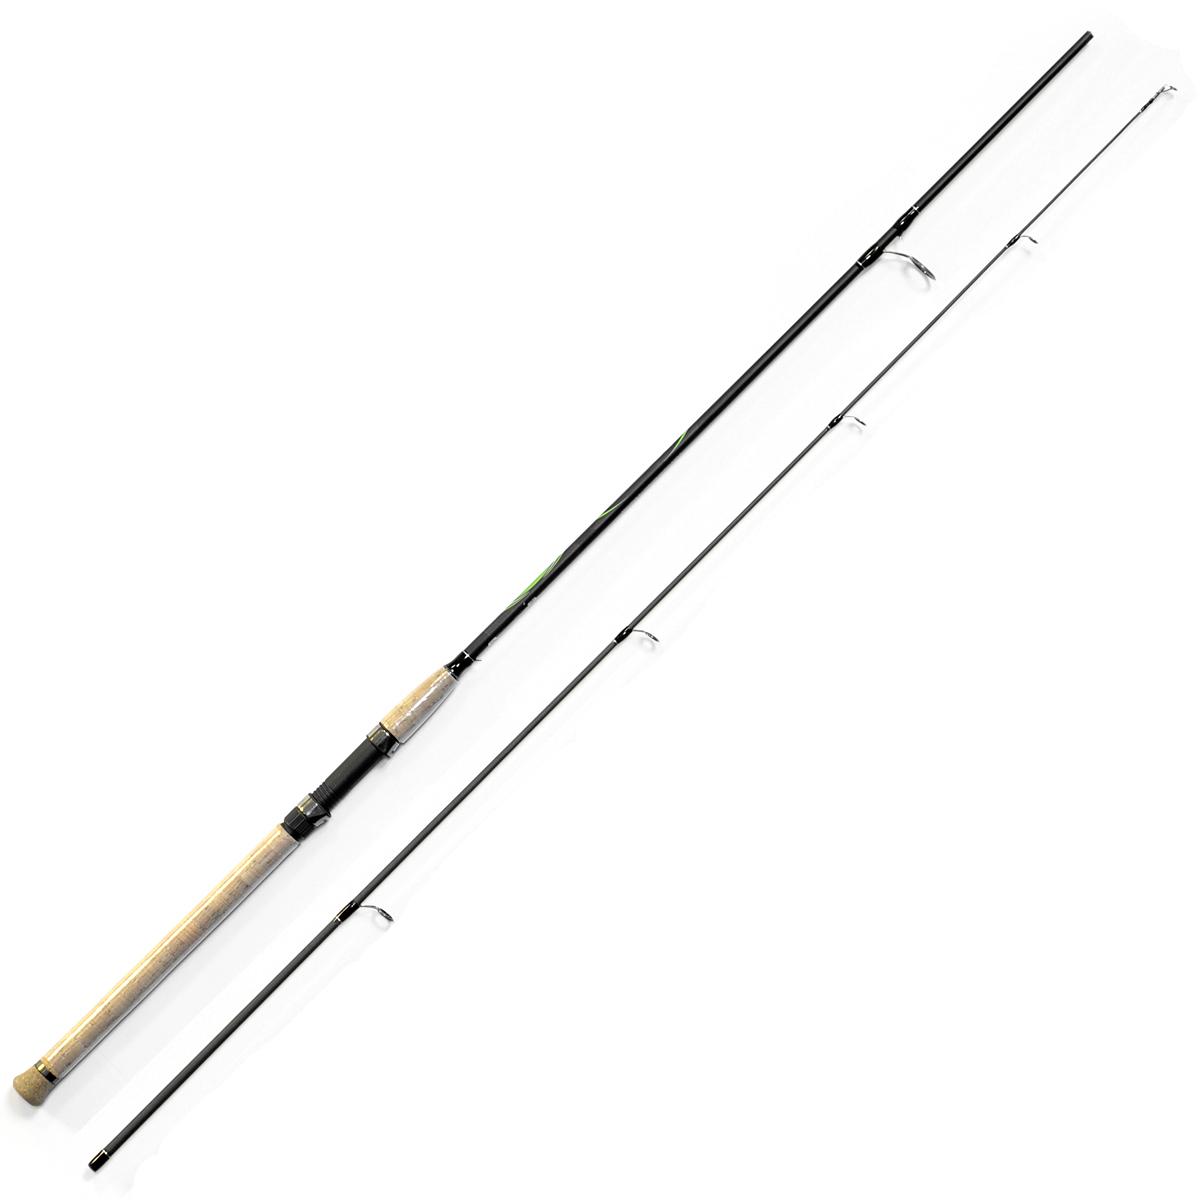 Спиннинг Salmo Sniper, 2,4 м, 5-20 г аксессуар катушка marsmd sniper для f2 f4